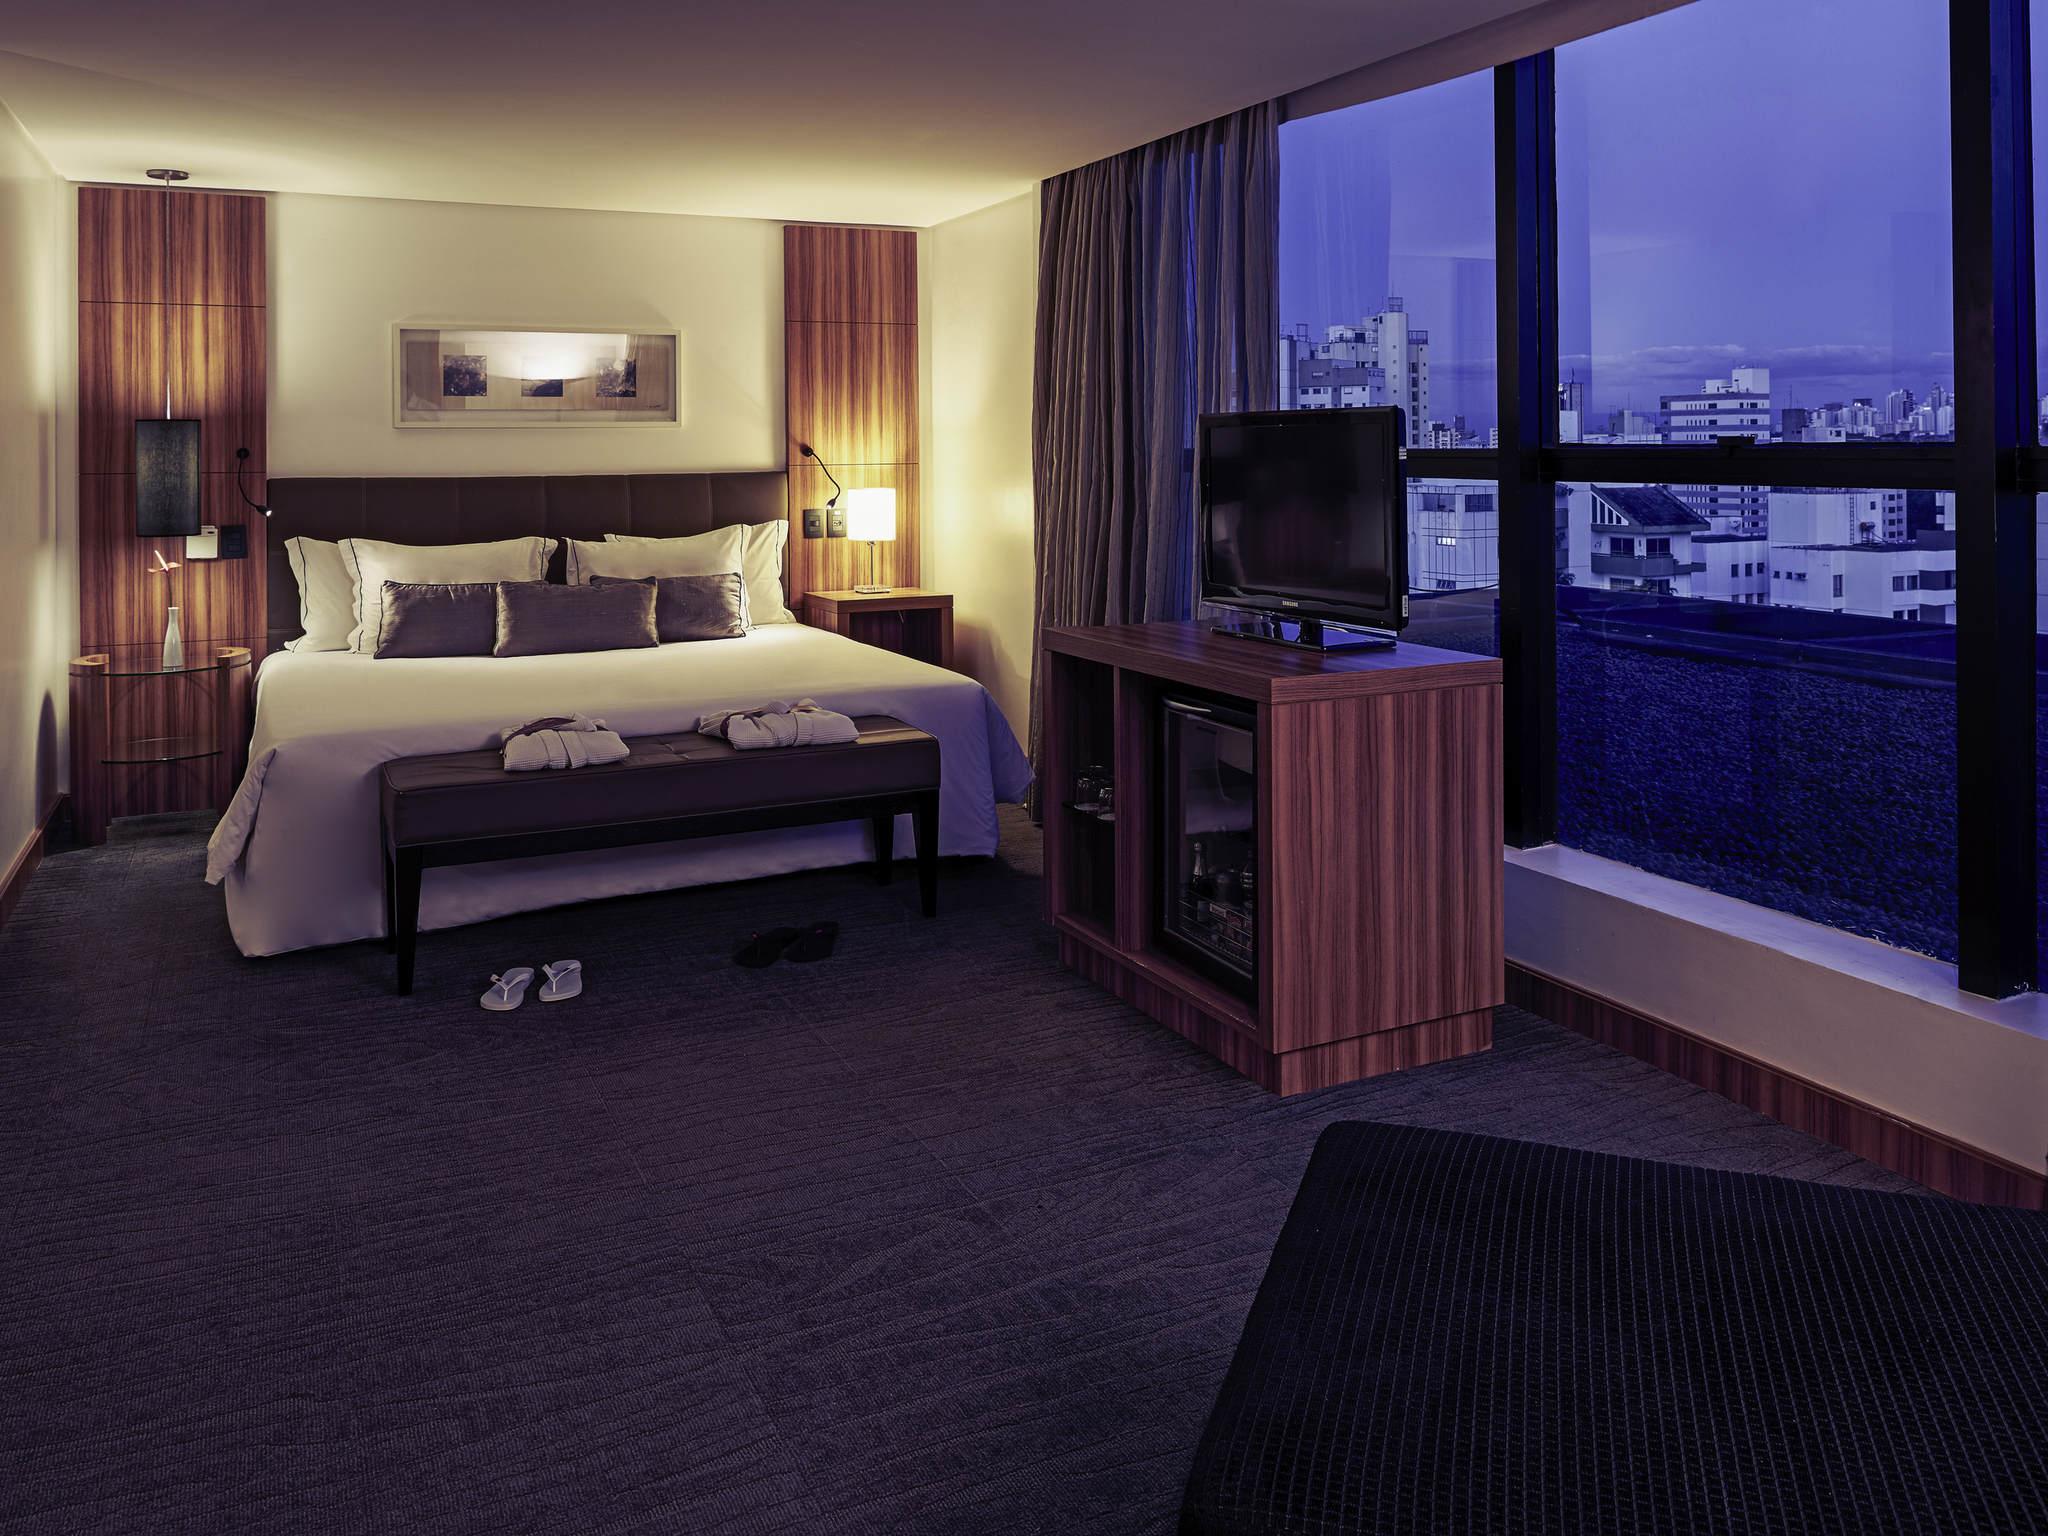 Hotel – Mercure Goiania Hotel